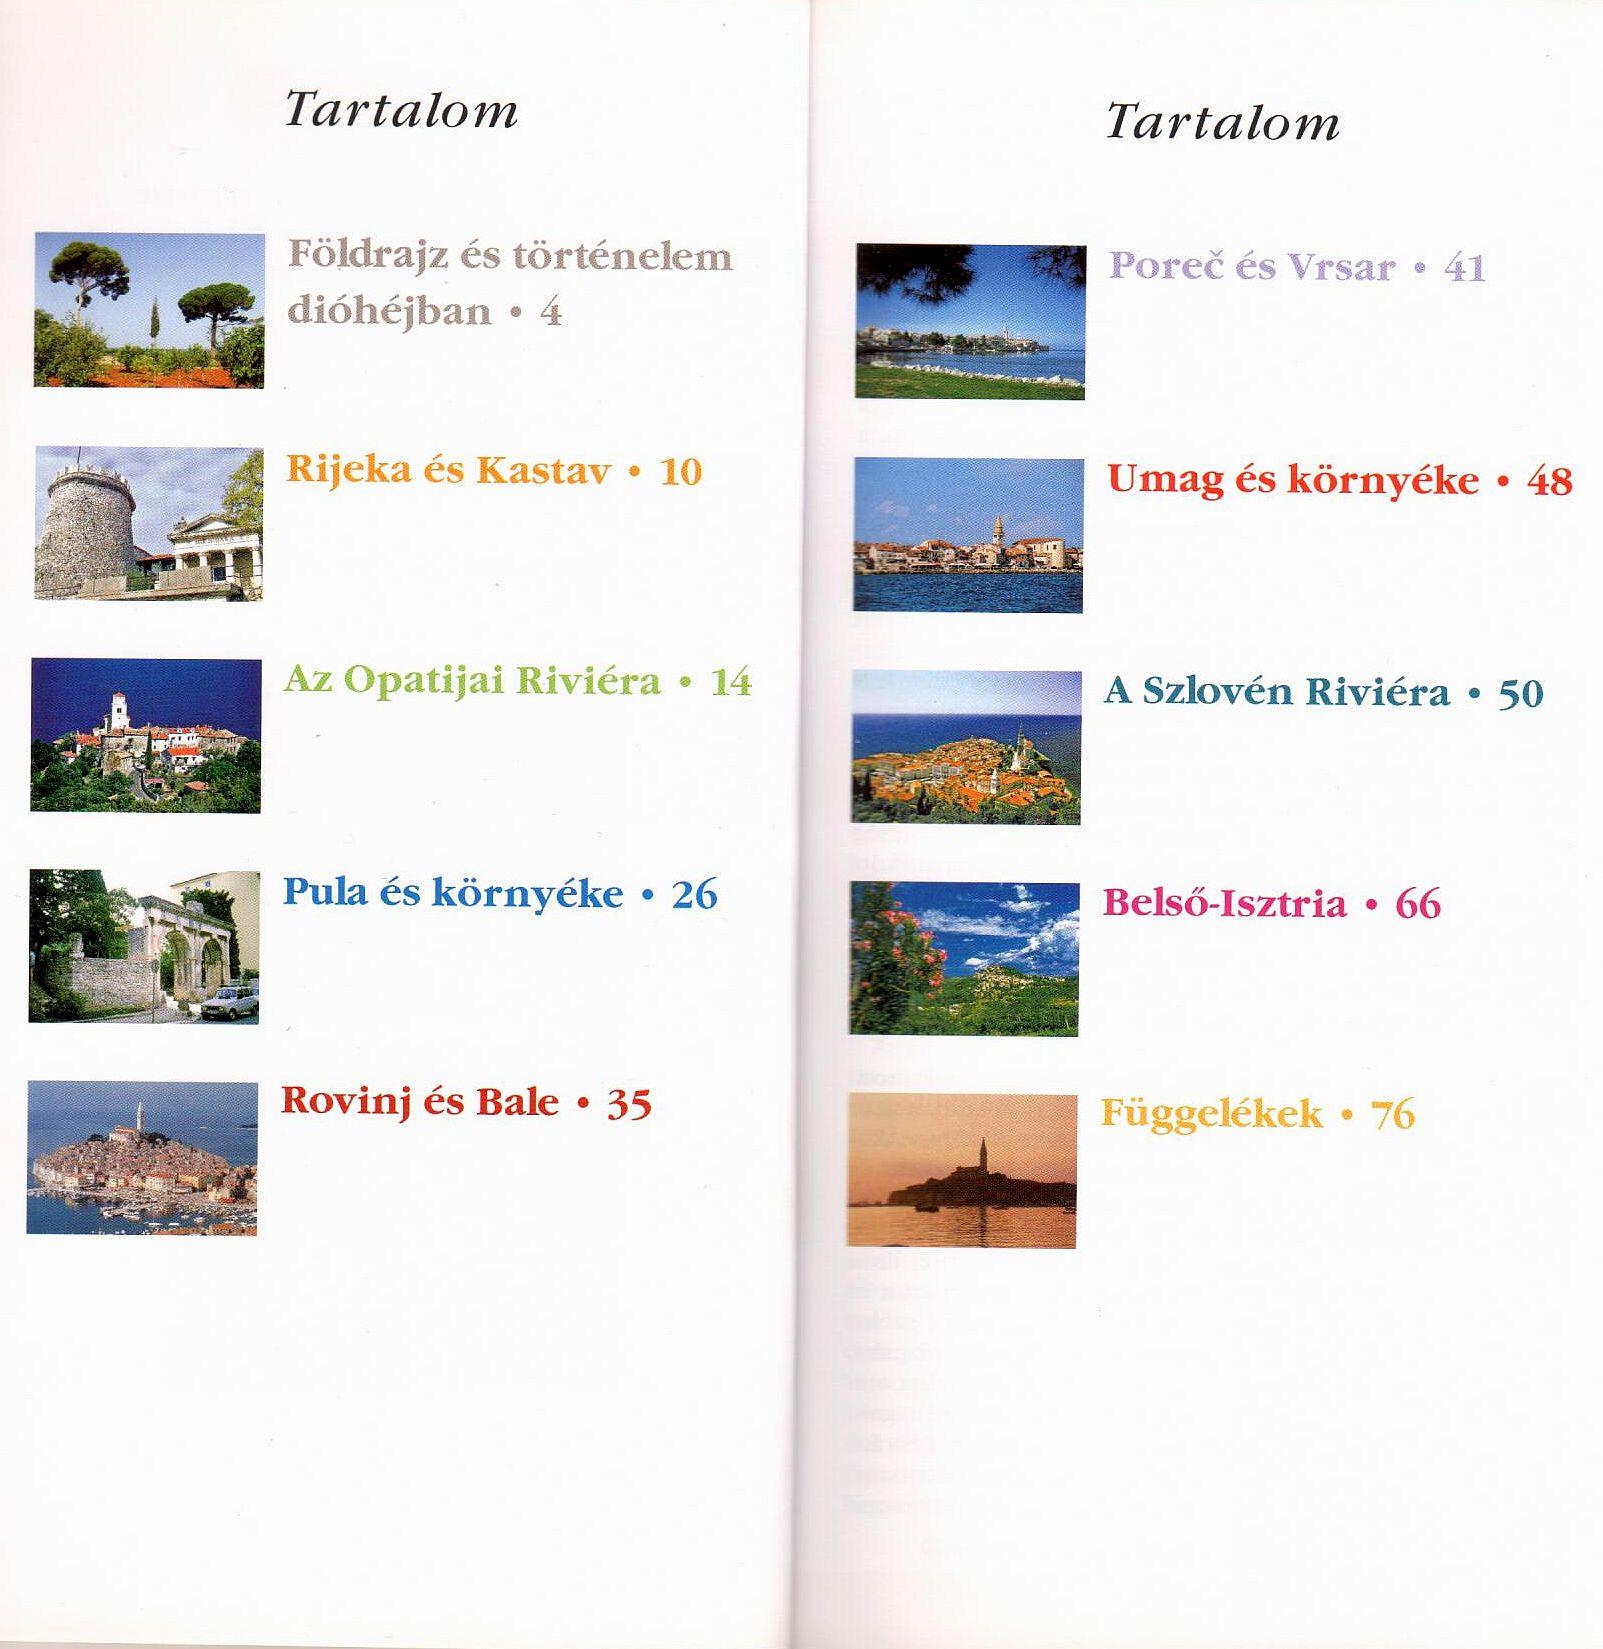 Isztria: tartalomjegyzék